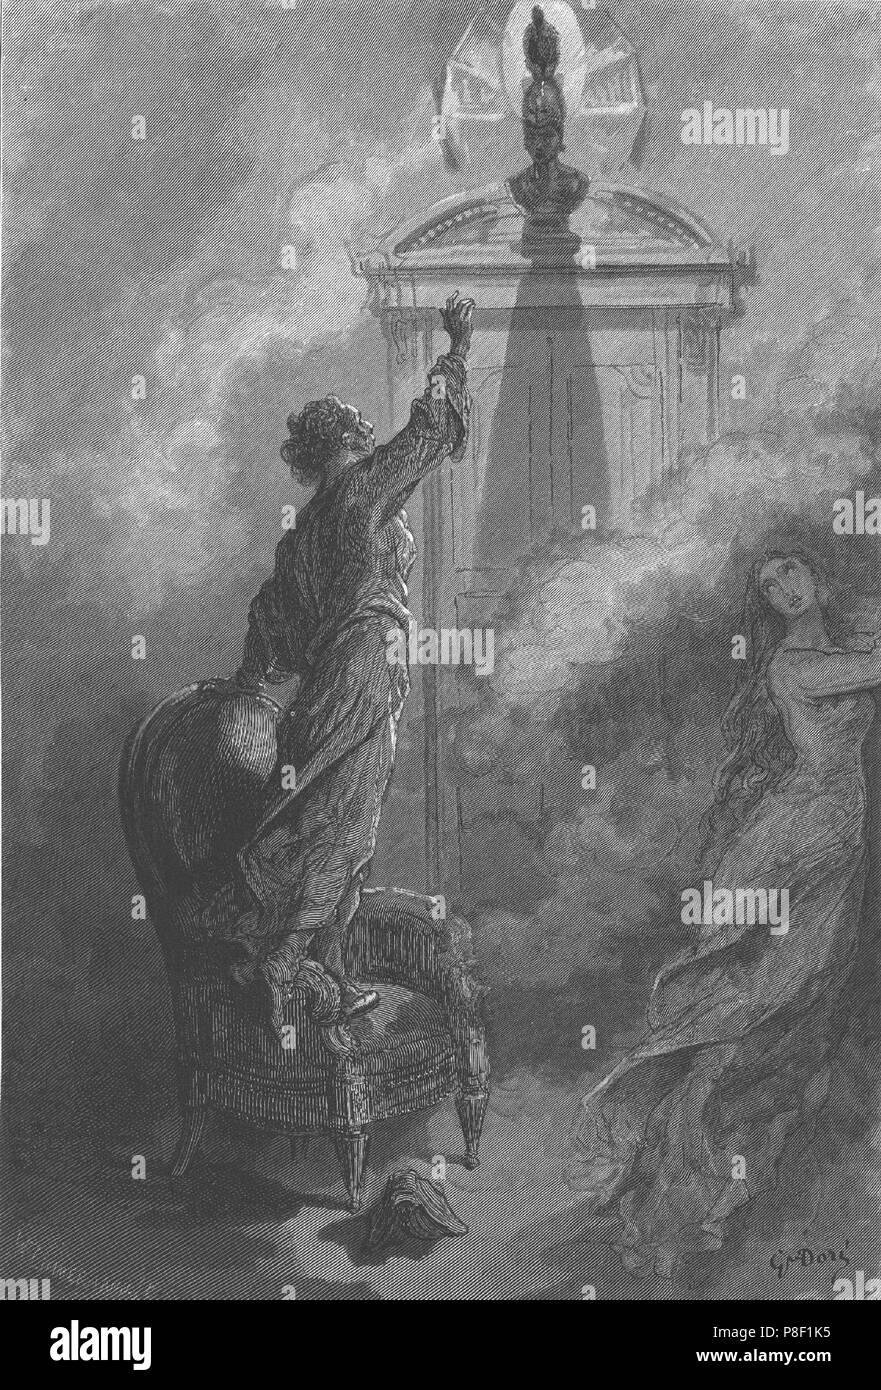 Illustration Für Das Gedicht The Raven Von Edgar Allan Poe